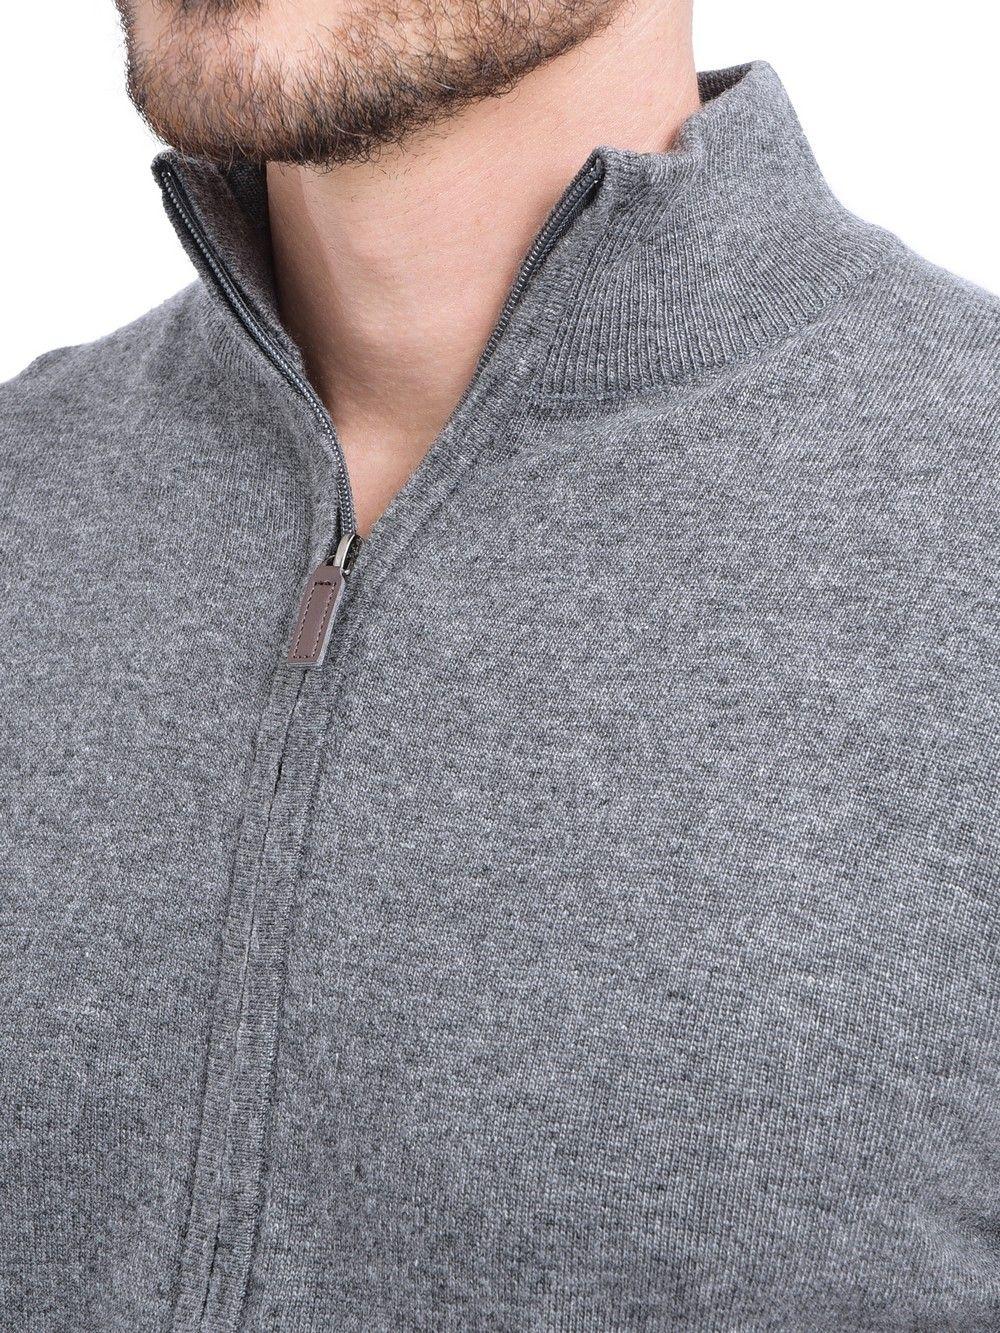 C&JO Zip Cardigan with Leather Zip in Grey